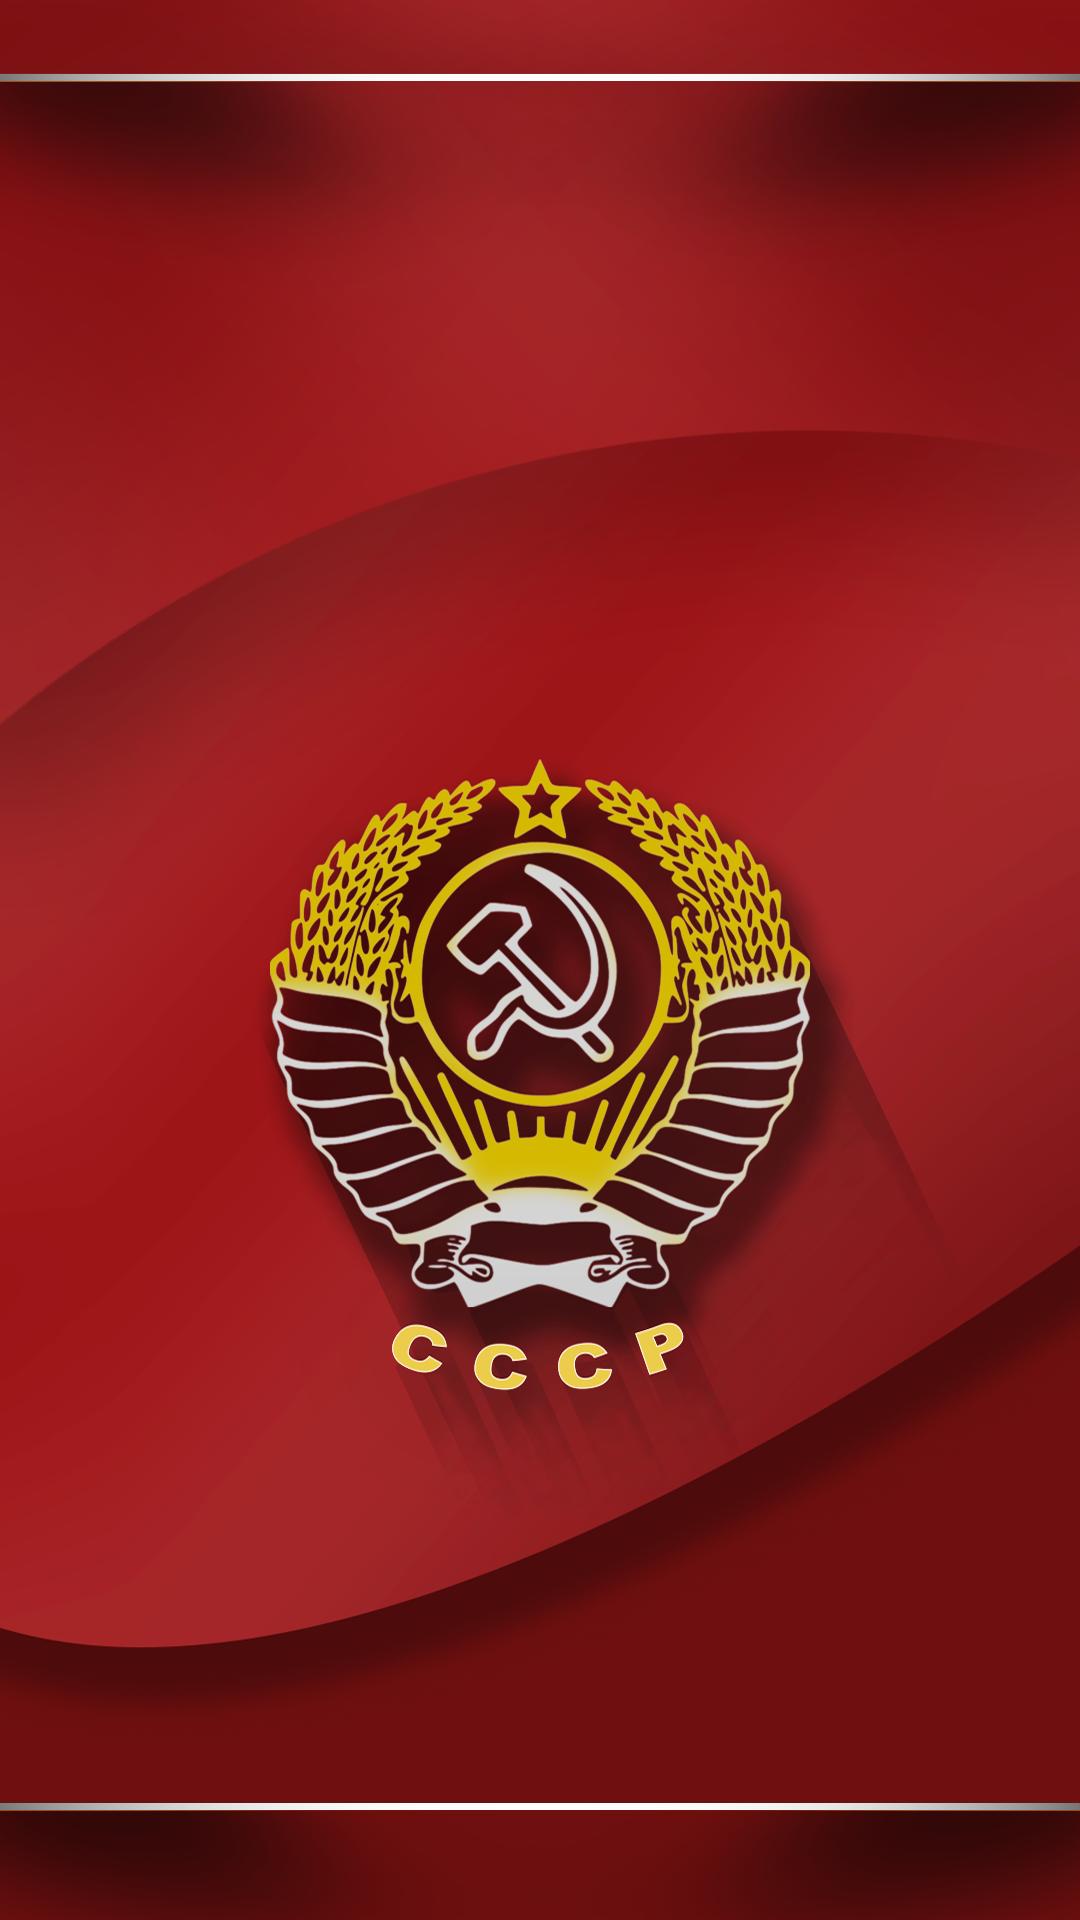 Незабываемый СССР | Старые плакаты, Винтажные плакаты